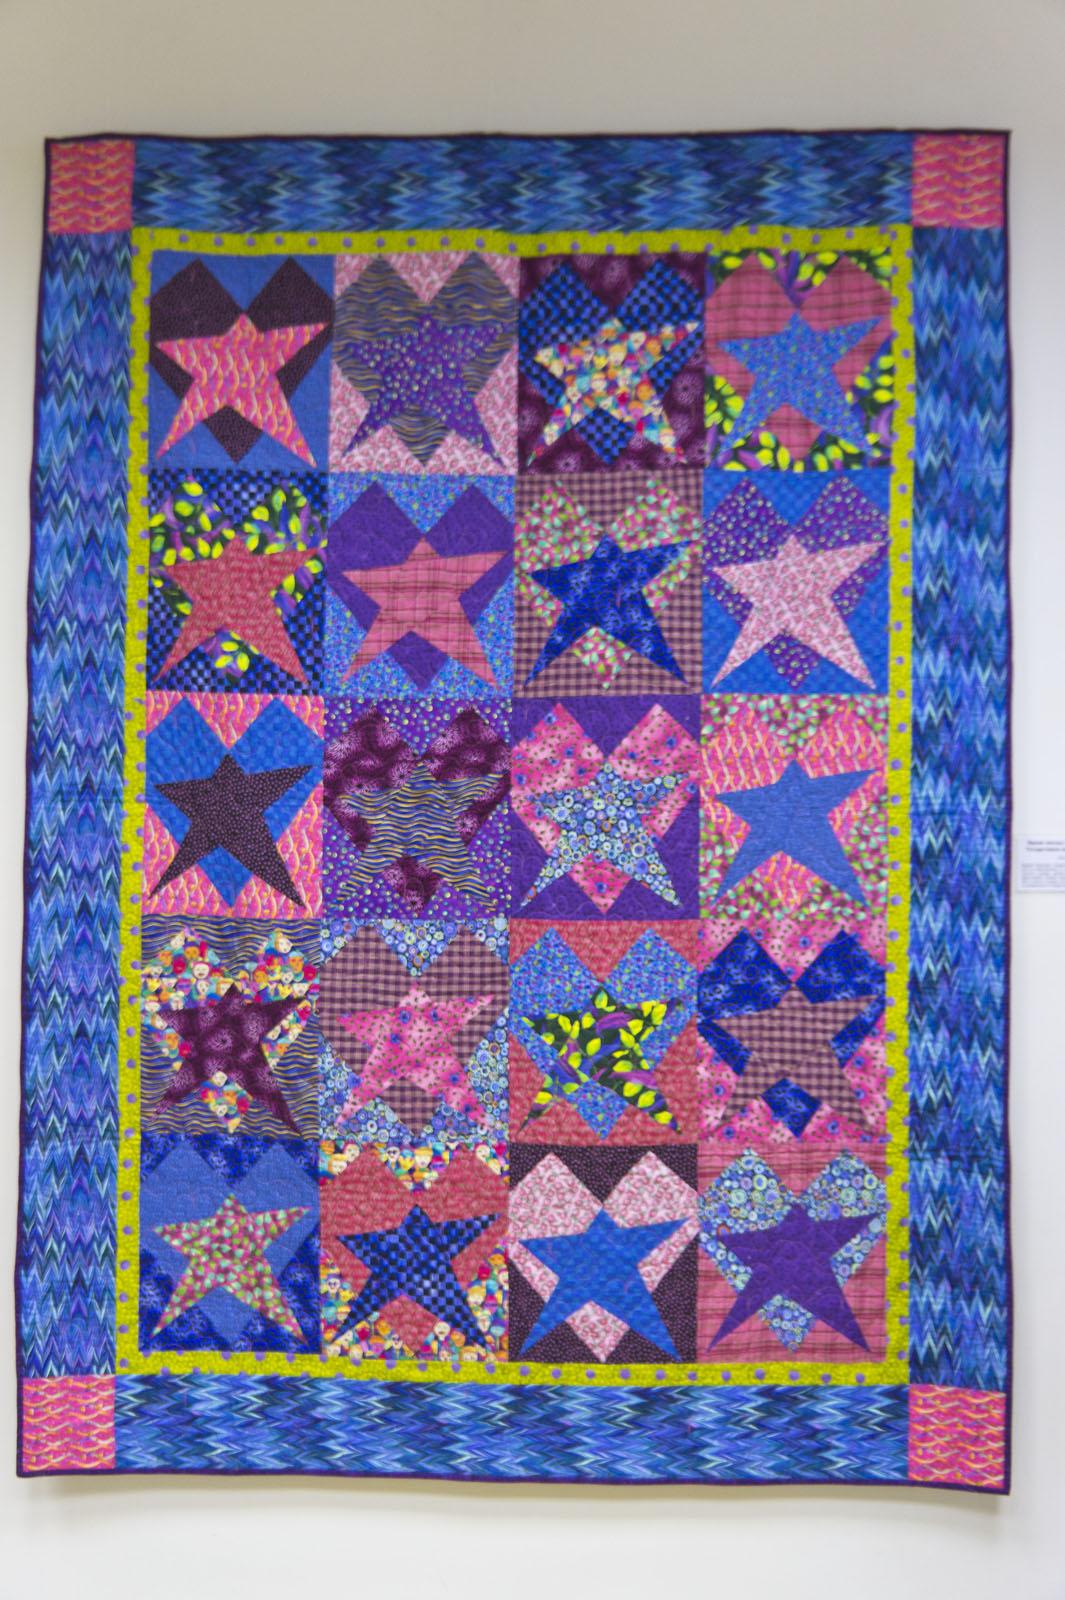 Фото №76794. Яркие звезды толерантности над Татарстаном видны во всем мире. Залалтдинова Л., 1985